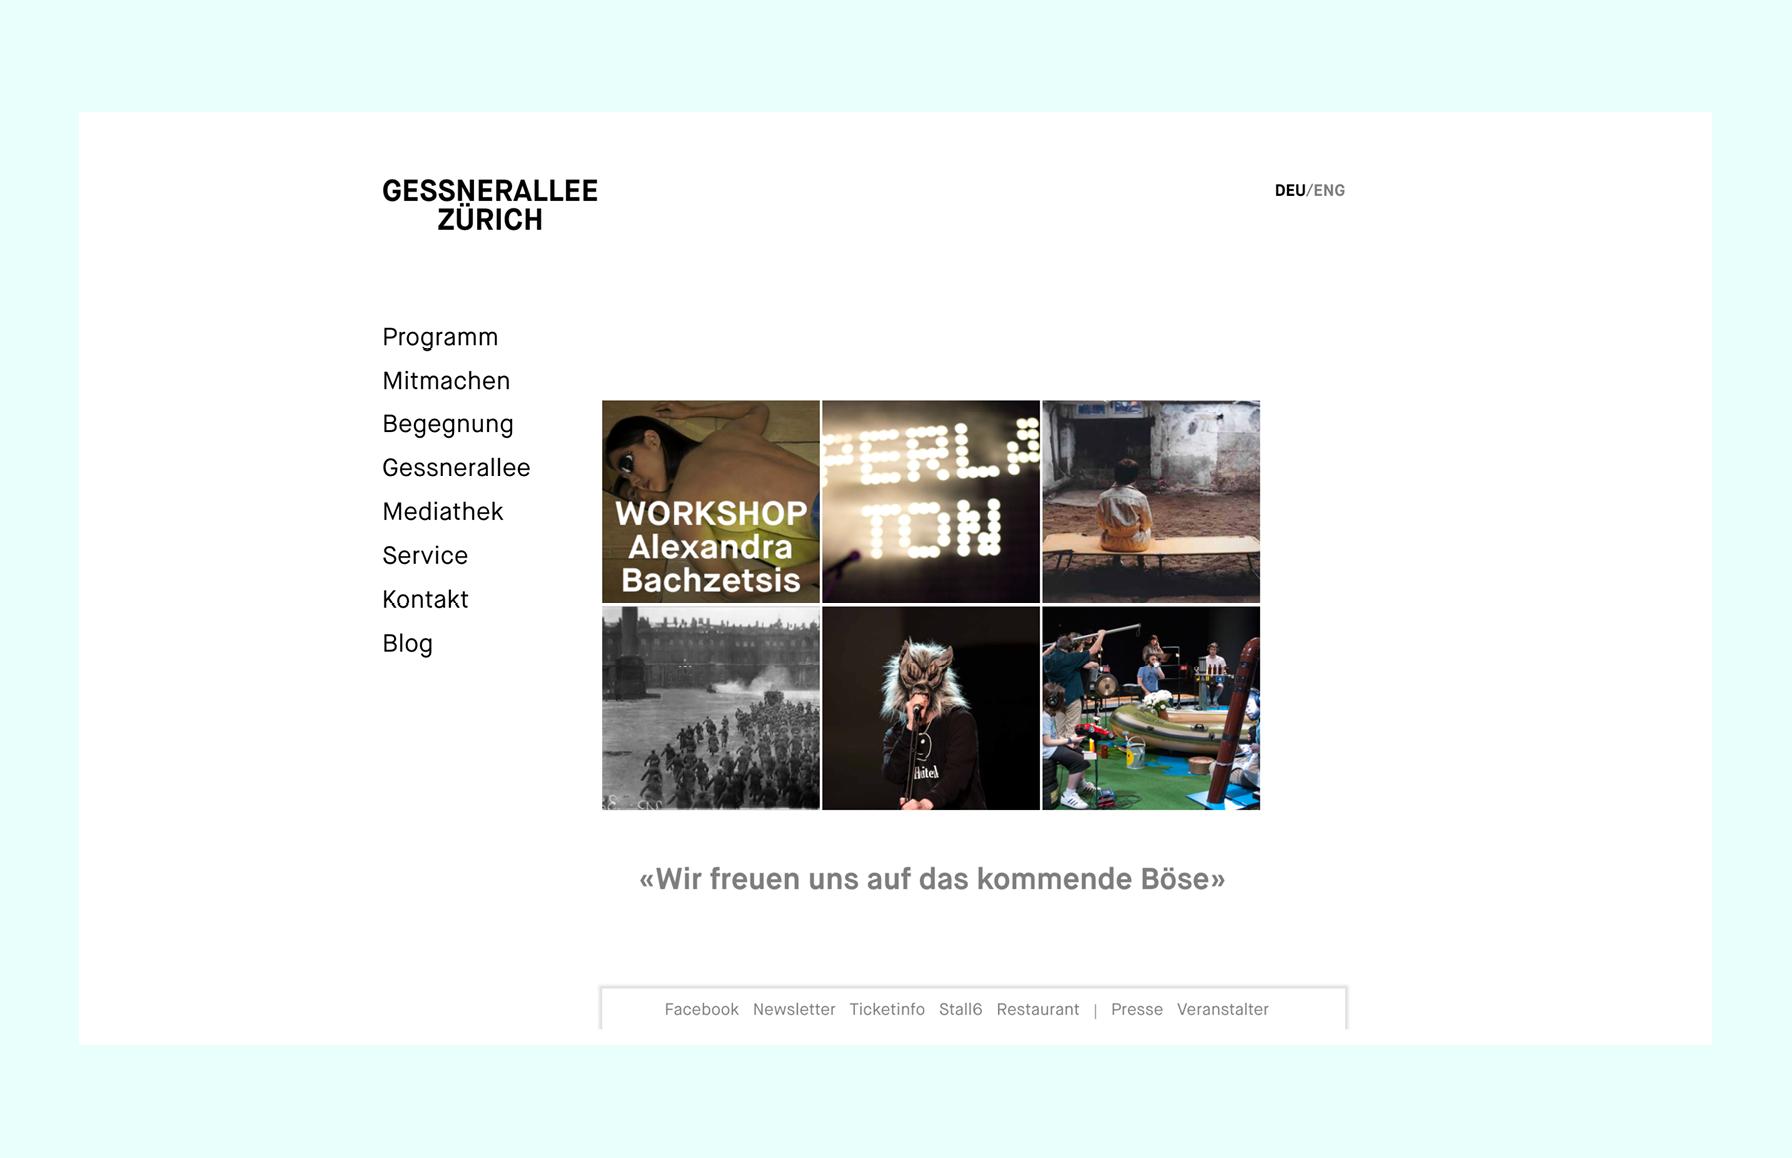 Gessnerallee Website